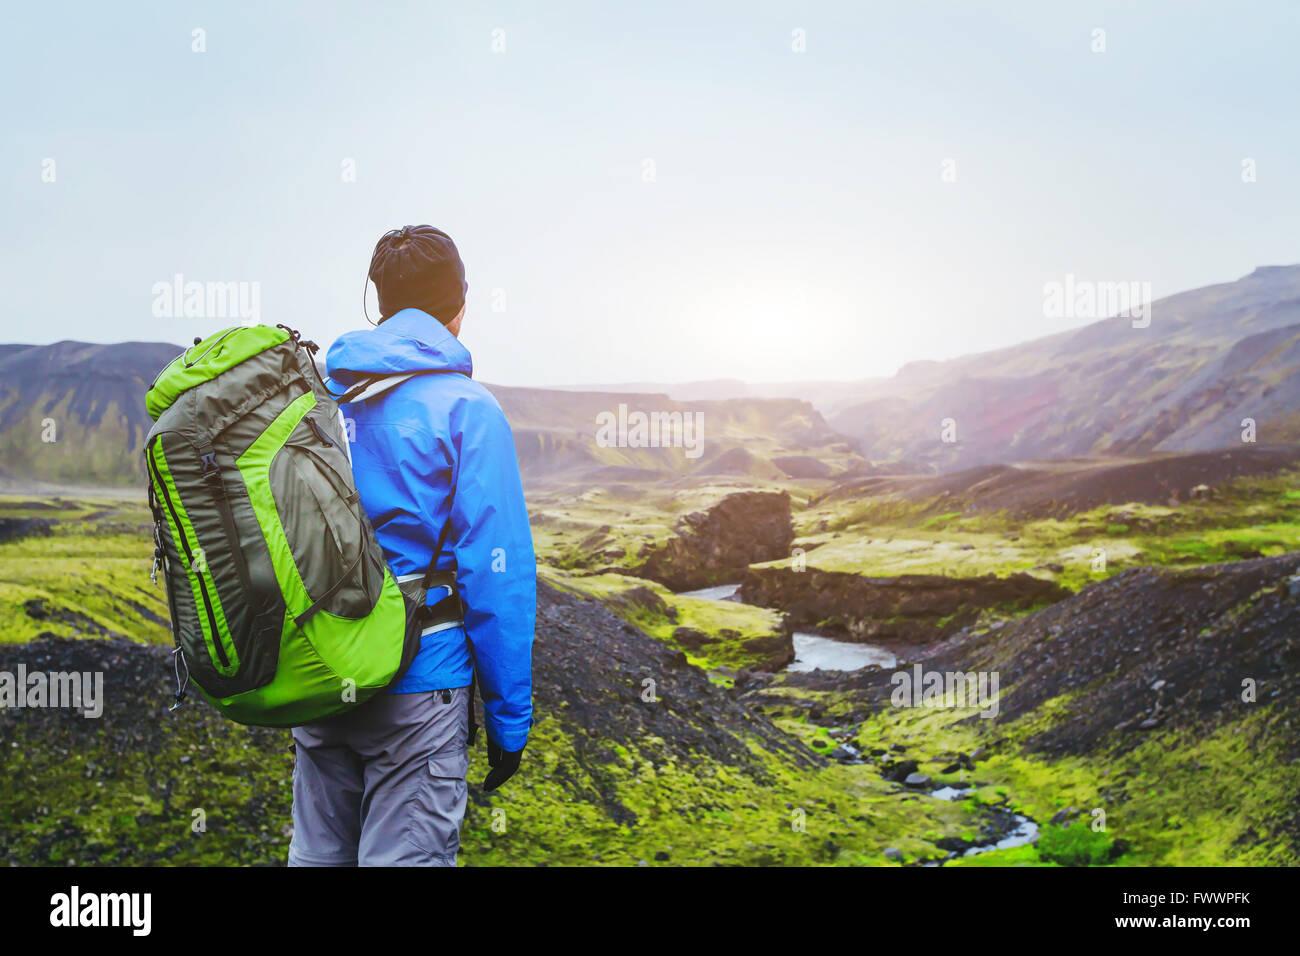 Wanderer mit Rucksack genießen schöne Panoramablick auf Berge in Island, Vulkanlandschaft, Reise-Hintergrund Stockbild